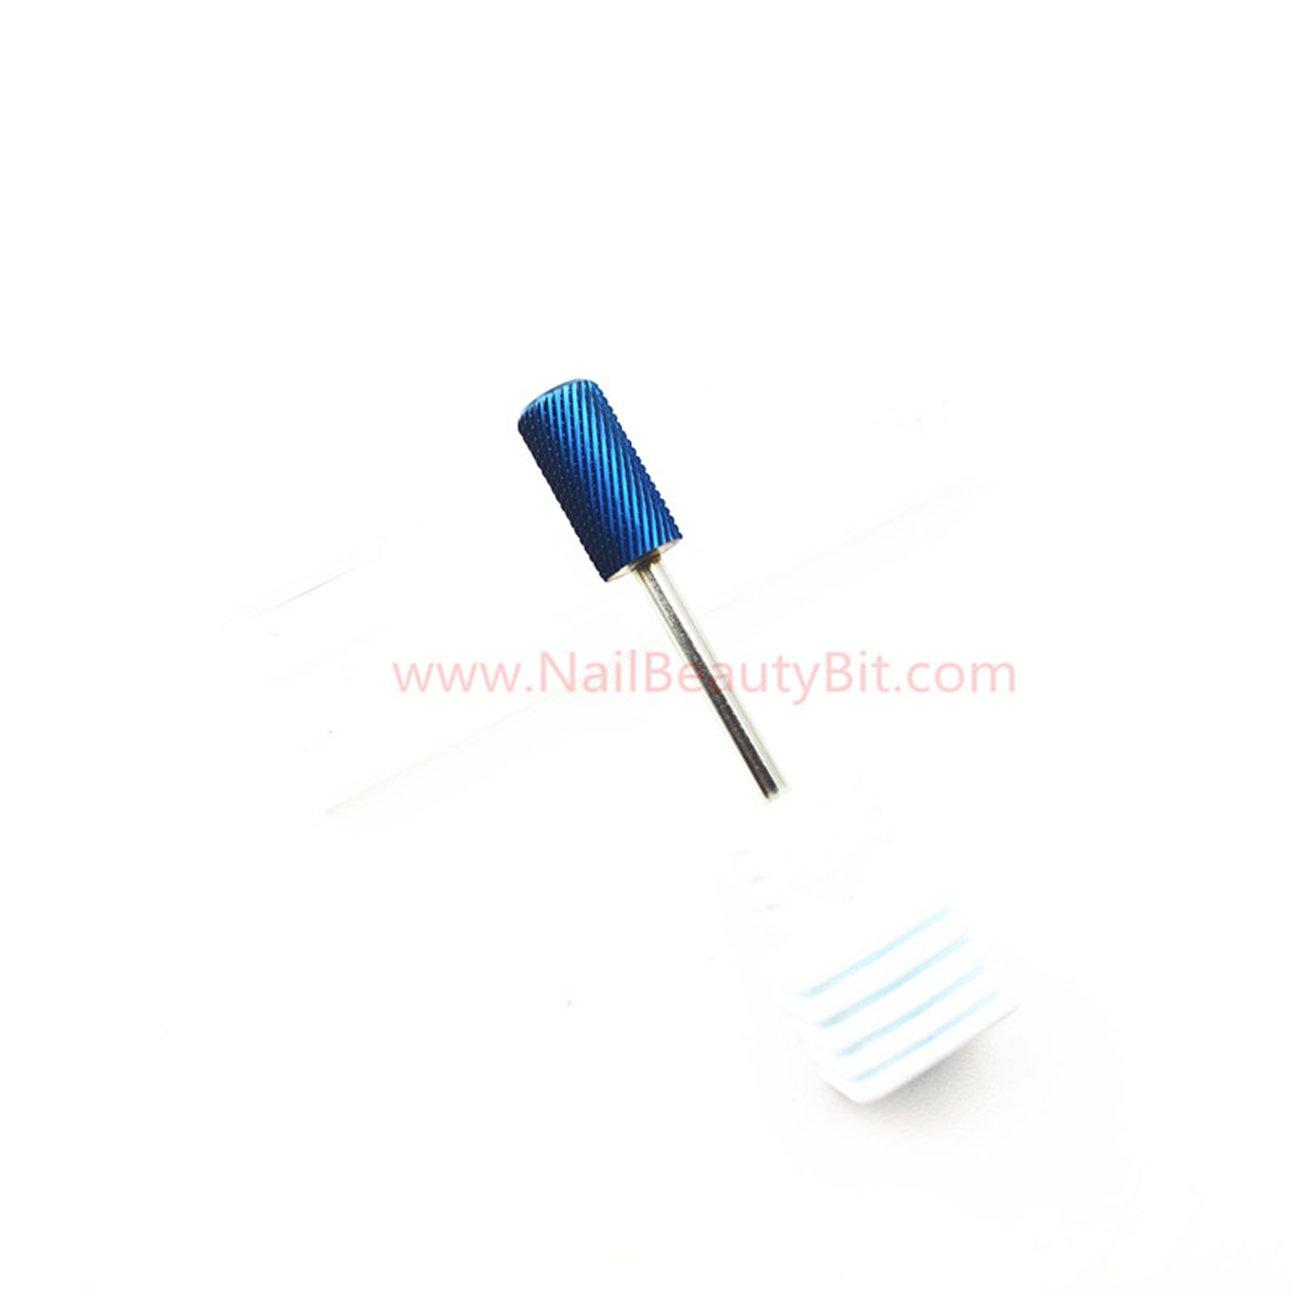 rivestimento Nano blu manicure elettrica taglio rapido H1B rimozione di gel Punta in metallo duro EASTAR NBB 1pc punta da manicure punta di bellezza per unghie gambo 3//322.35mm Nano blu